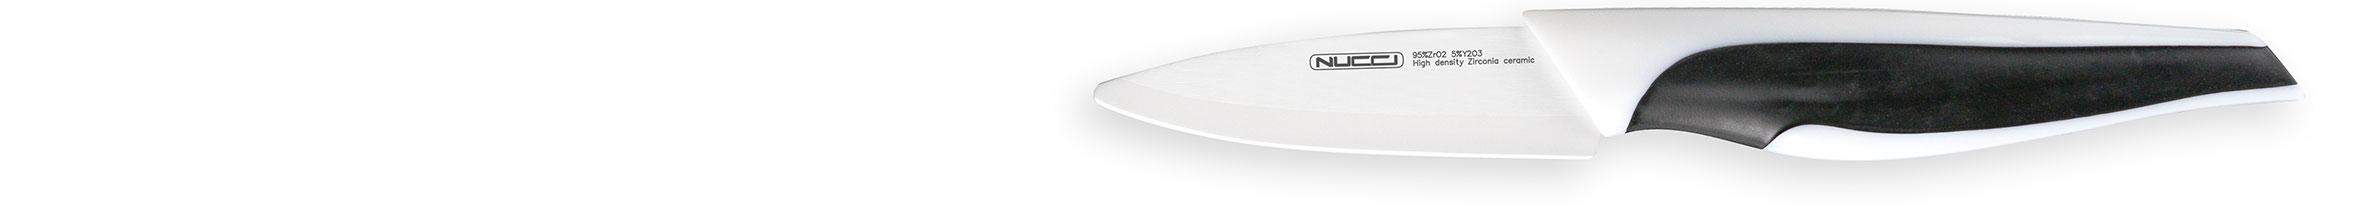 Coltello ceramica spelucchino cm 7